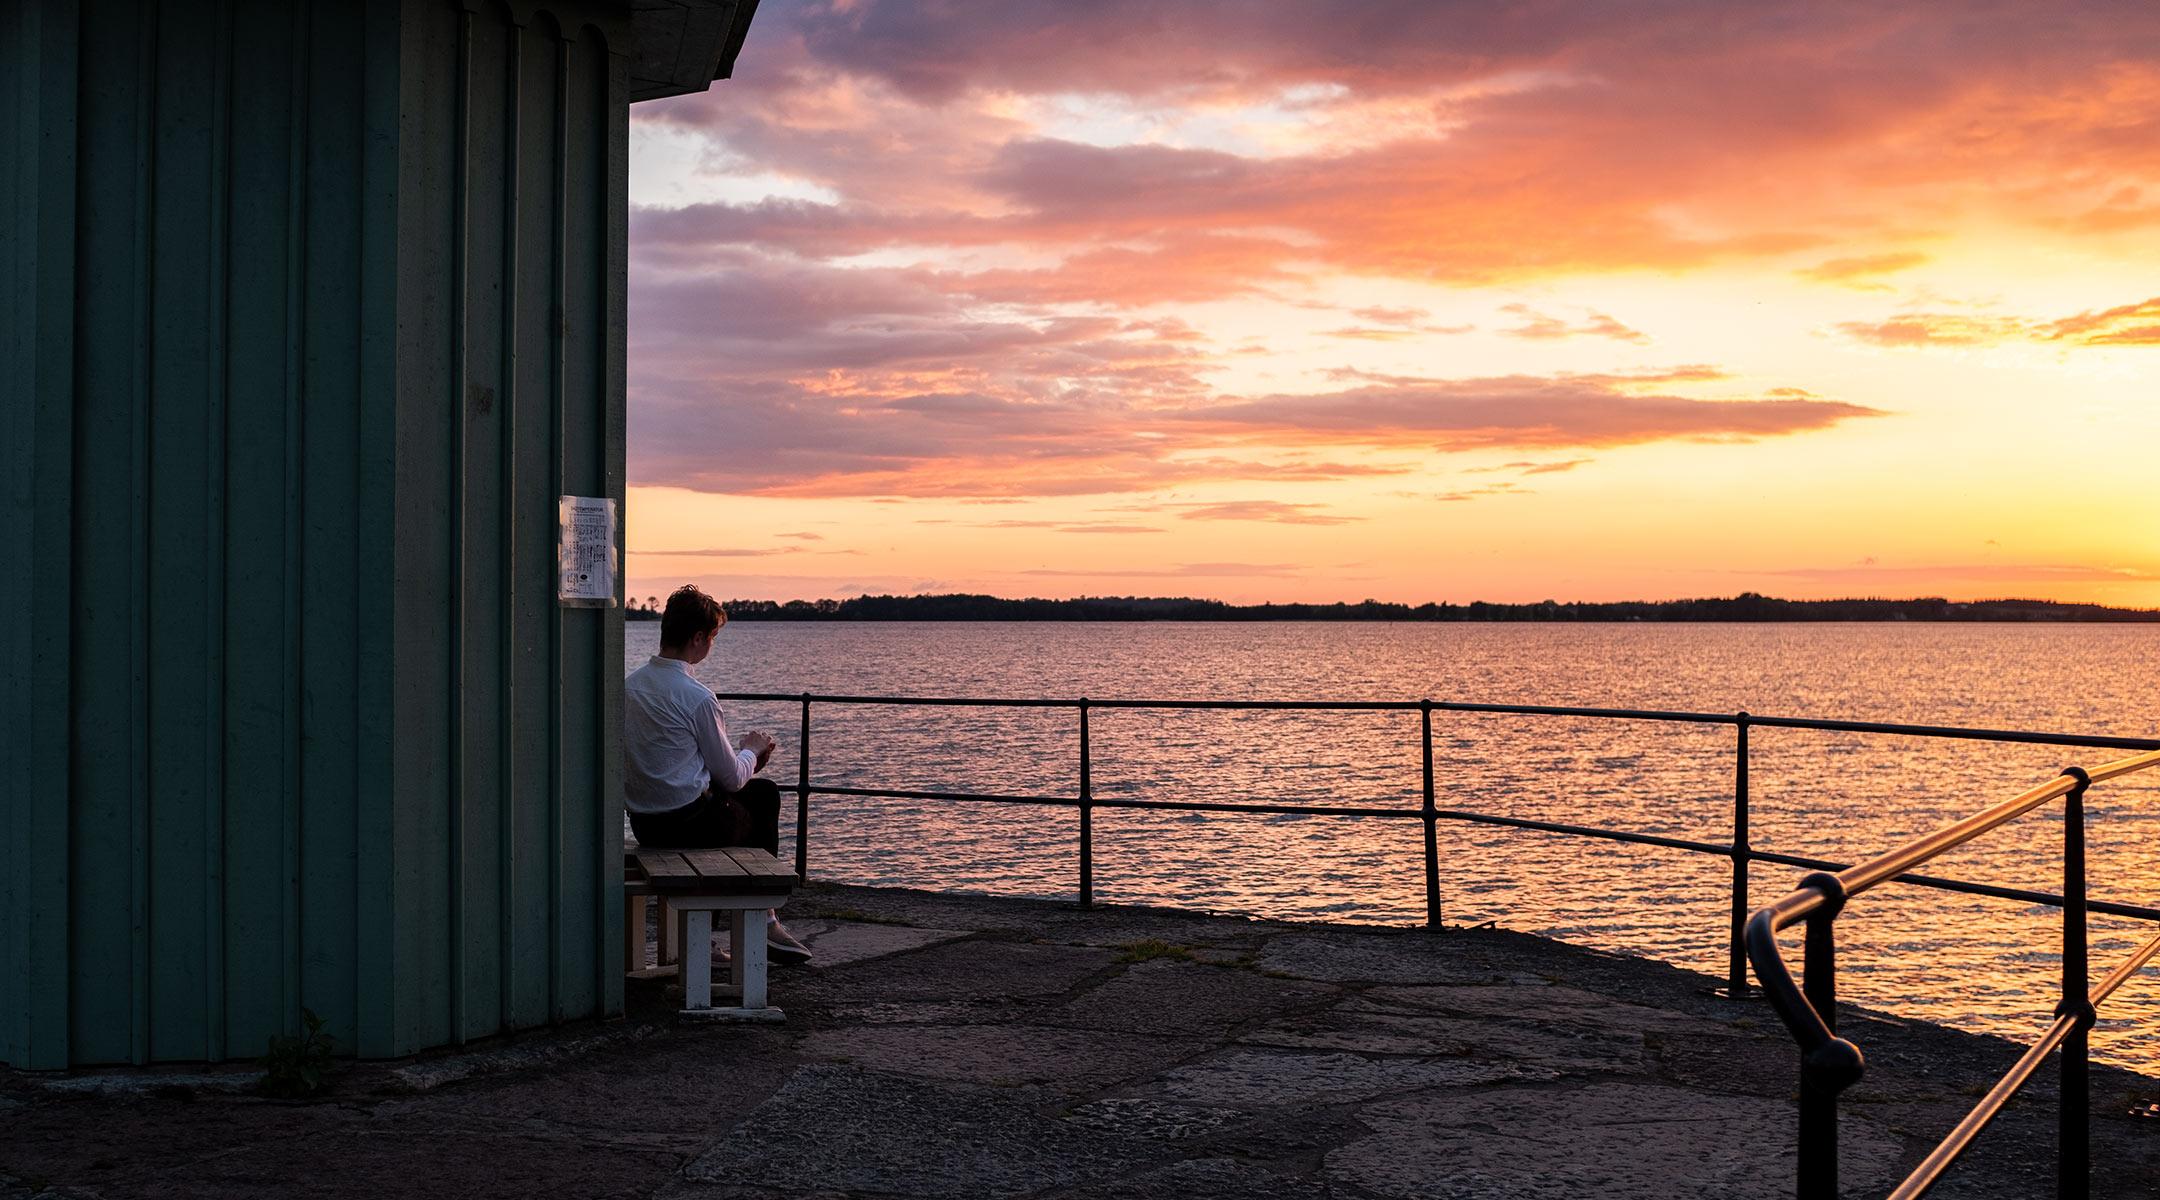 Kille kollar på en solnedgång |©Jan Andersson